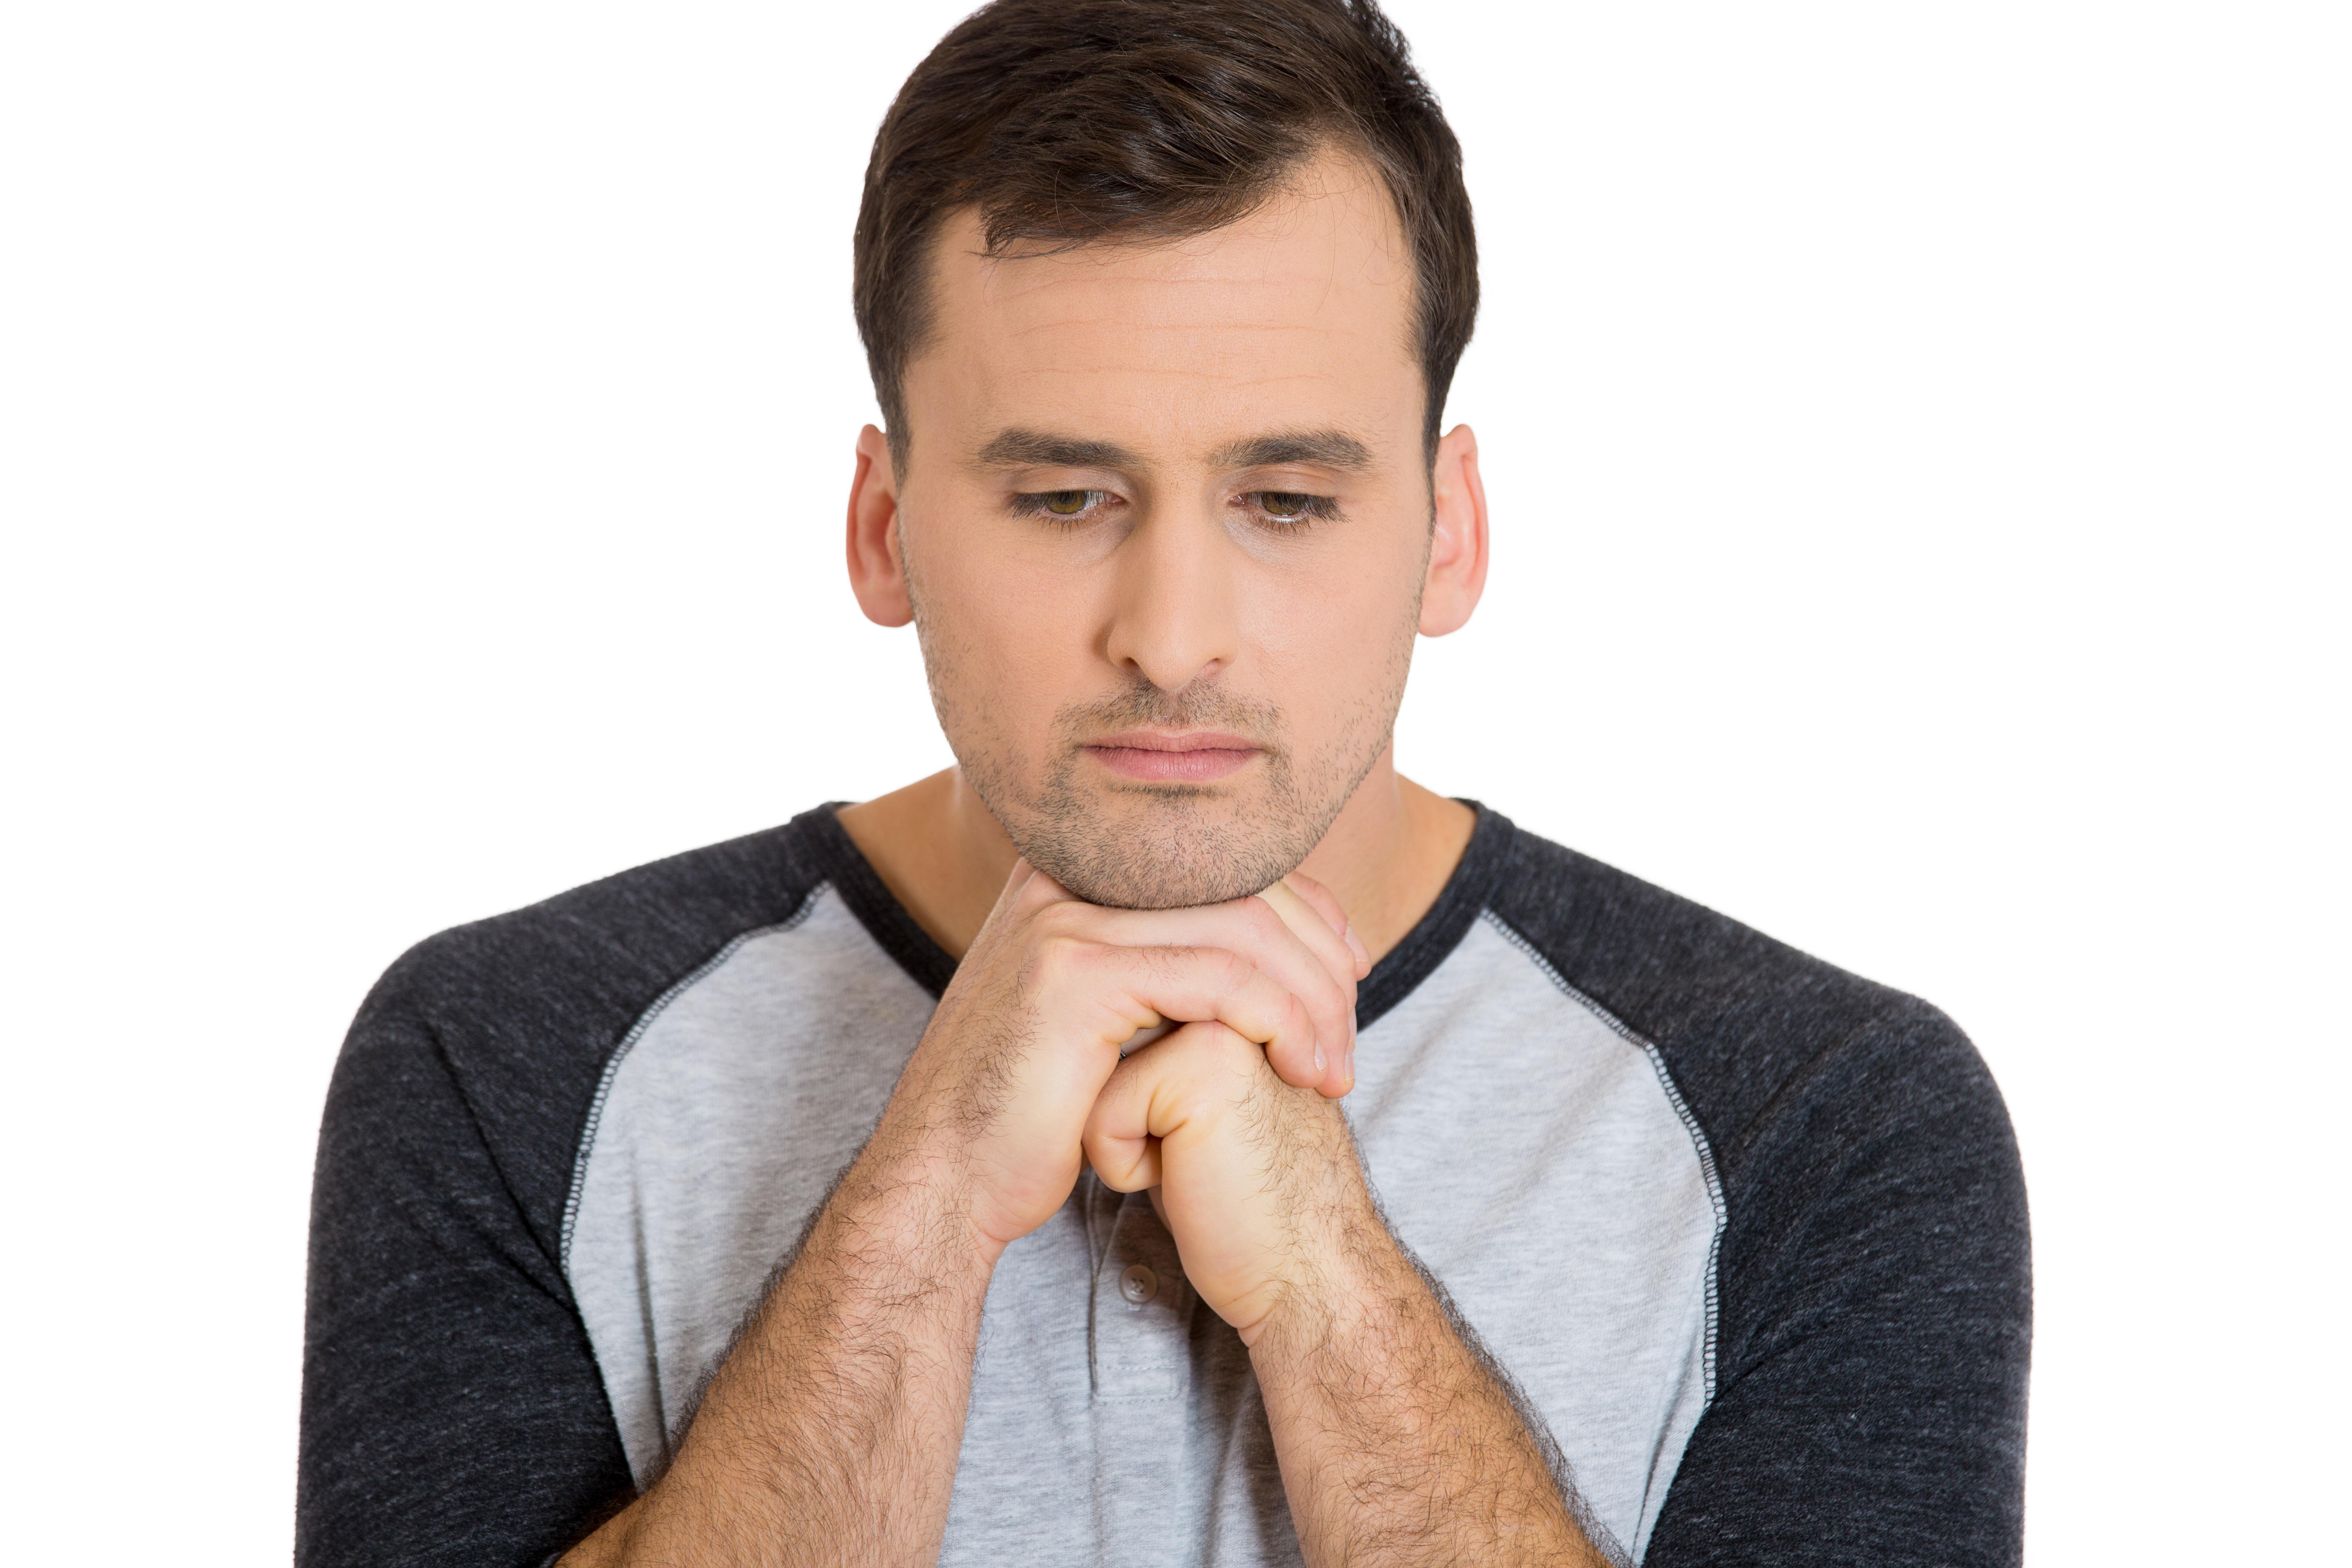 Šta je hronična depresija ili distimija?